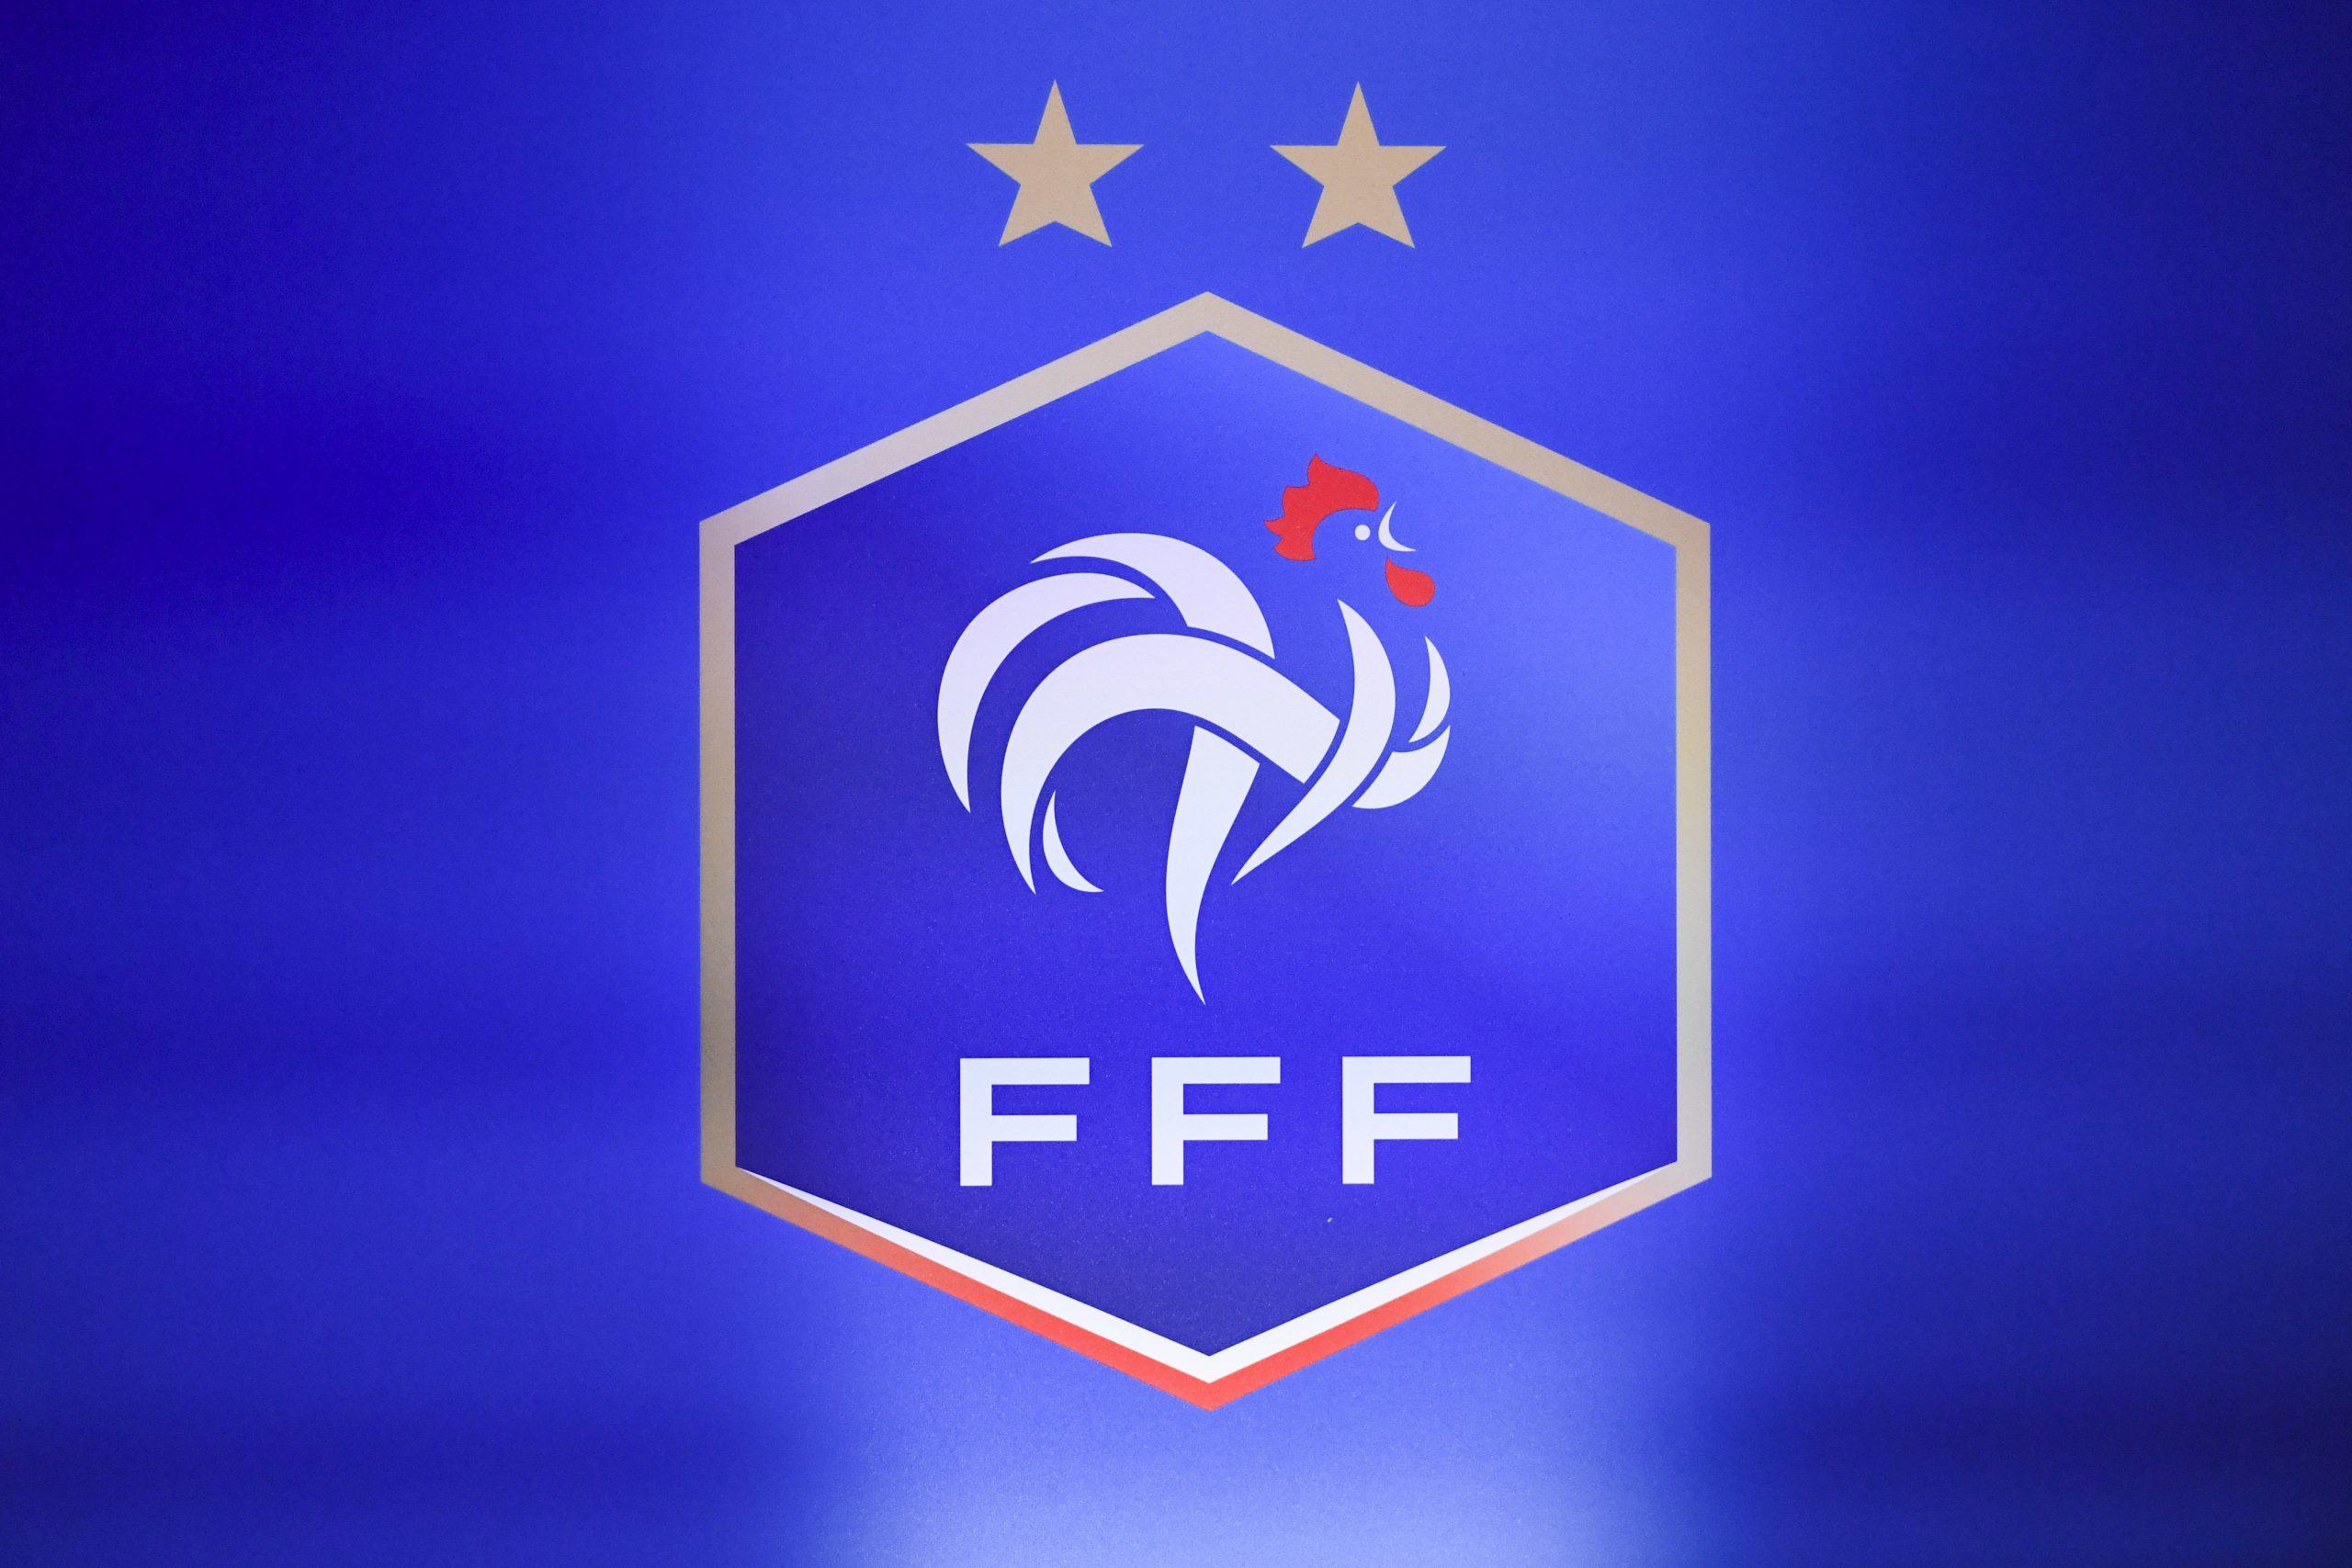 Officiel - La FFF confirme que les clubs amateurs restent dans la Coupe de France 2020-2021